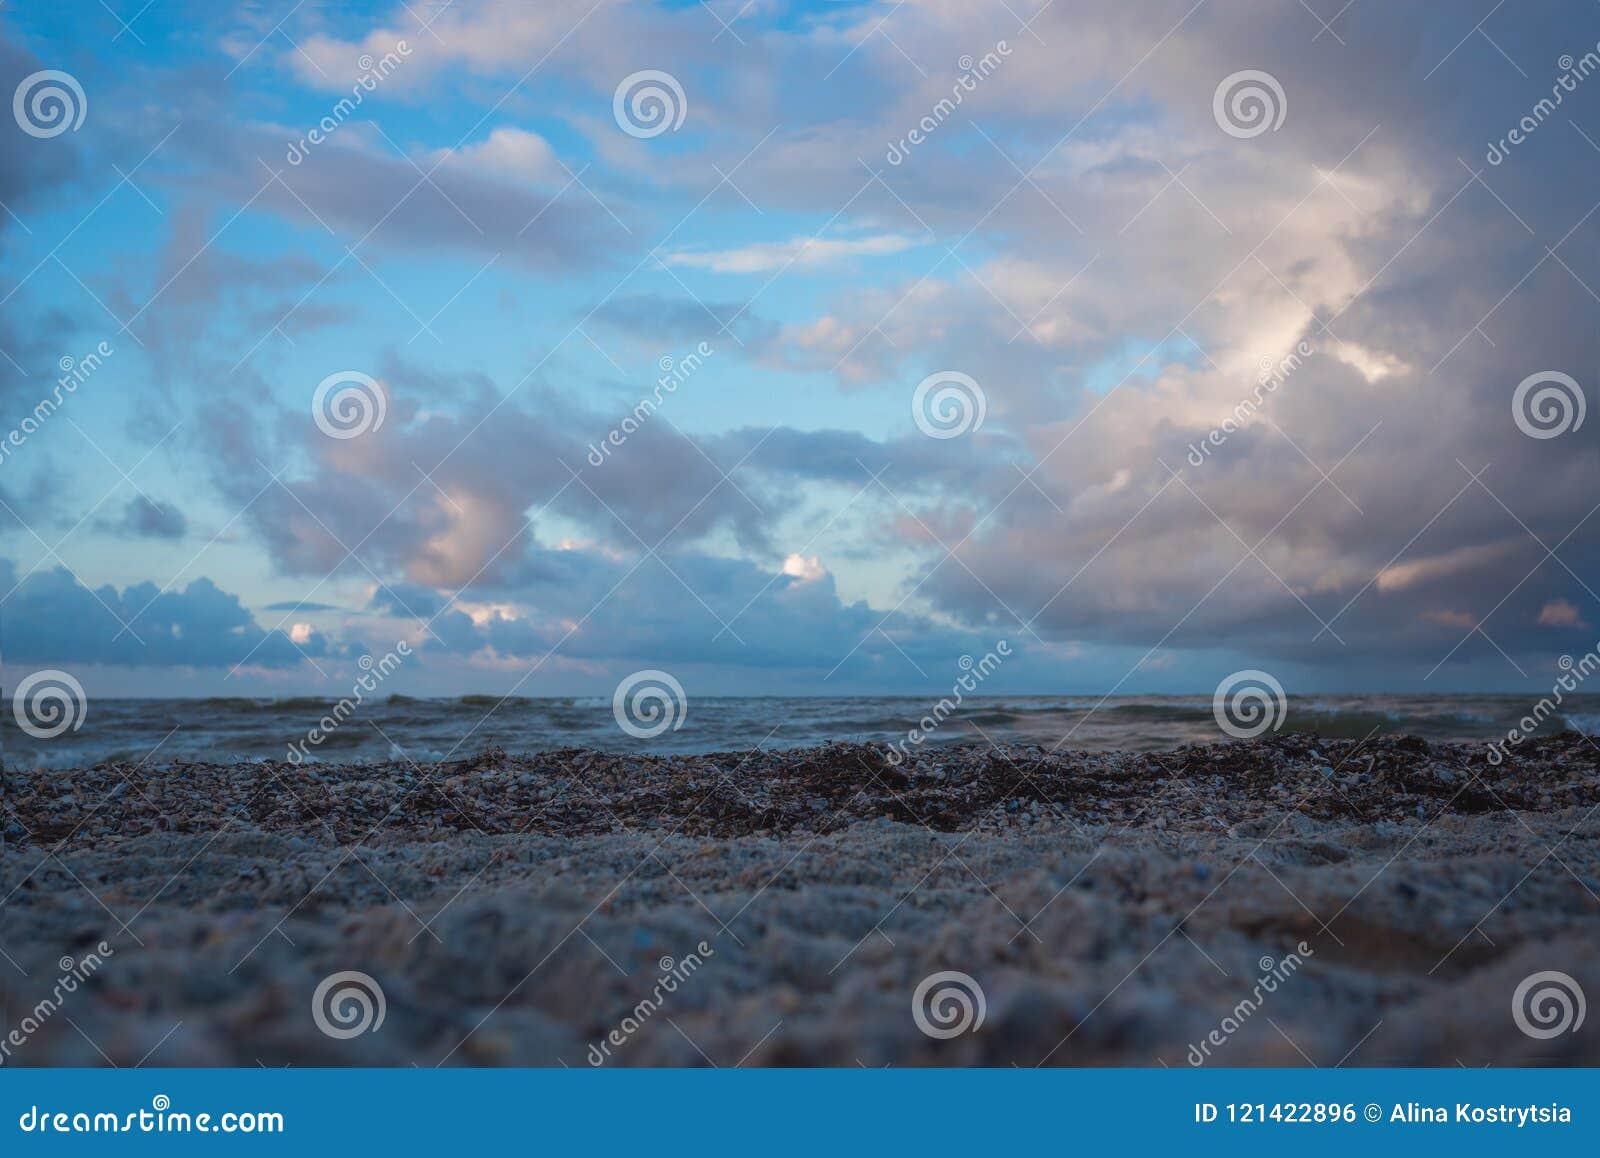 Wolkiges Wetter in dem Meer mit schönen Wolken